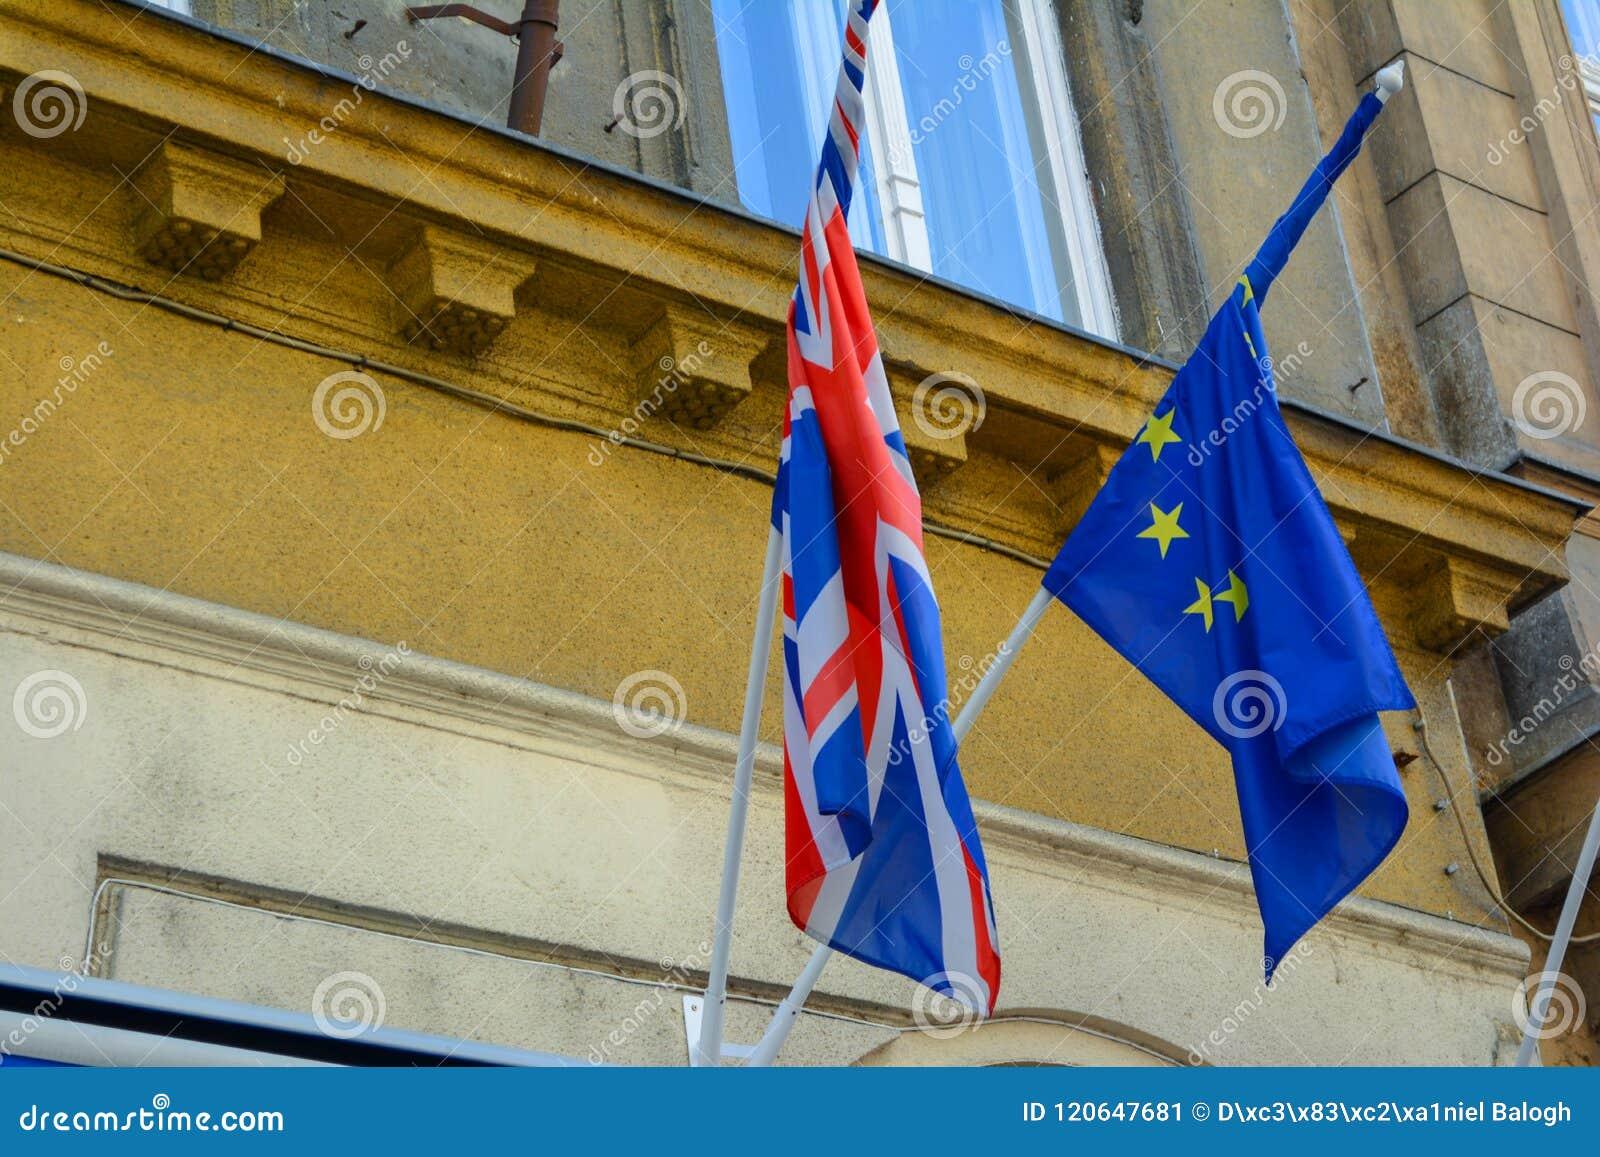 Coalición de las banderas de la UE y de Reino Unido junto Banderas de la unión europea y de Reino Unido uno al lado del otro